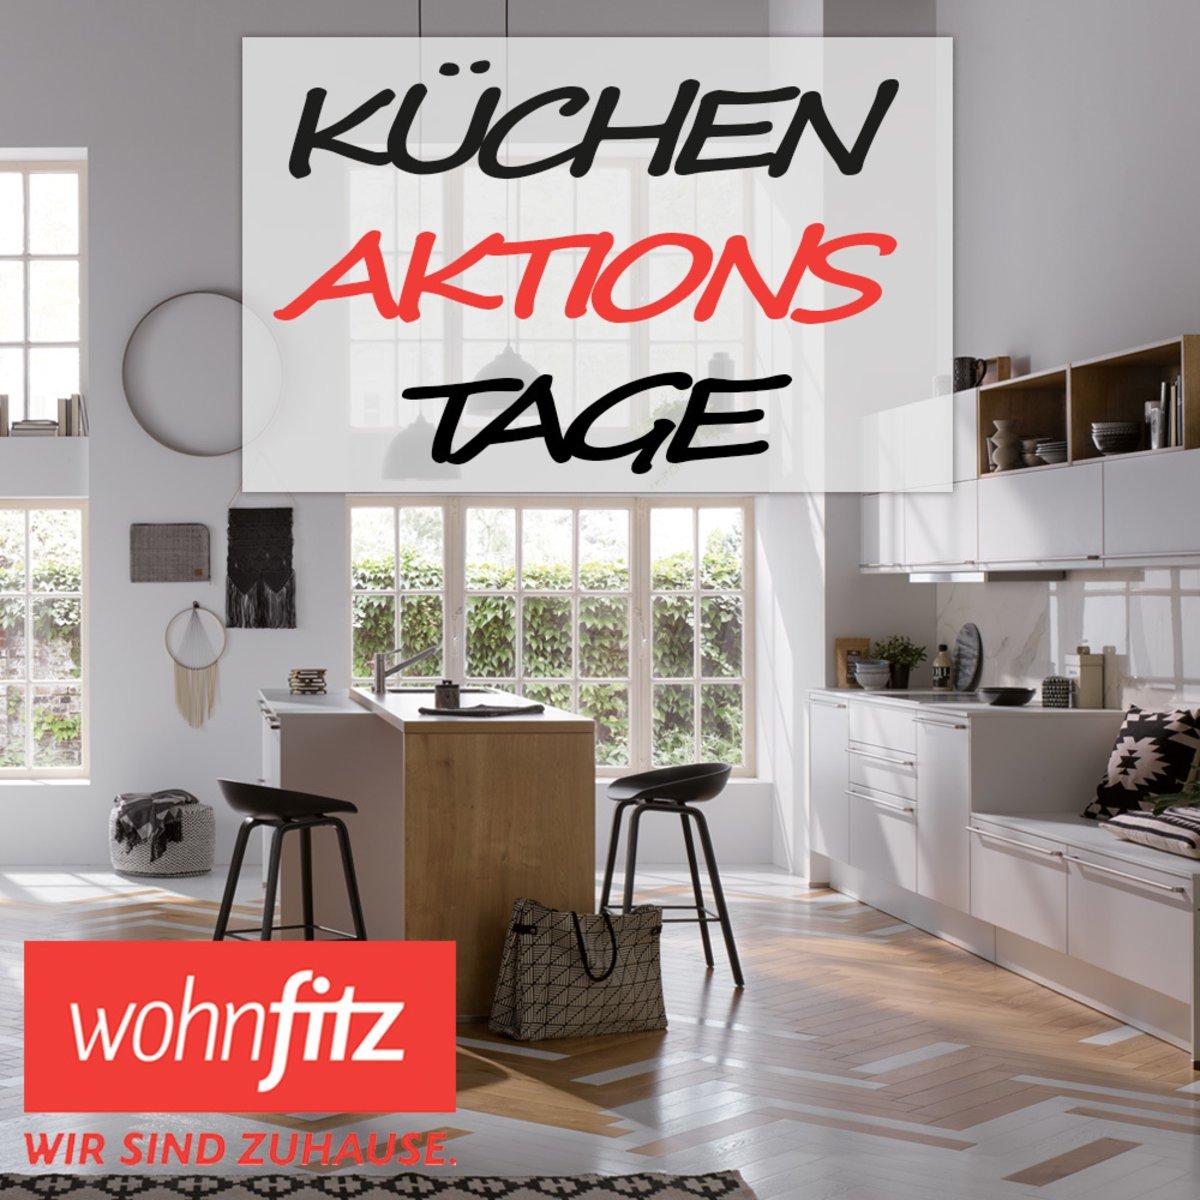 Kuchen Aktions Tage Am 13 Und 14 April 2018 Bei Wohnfitz In